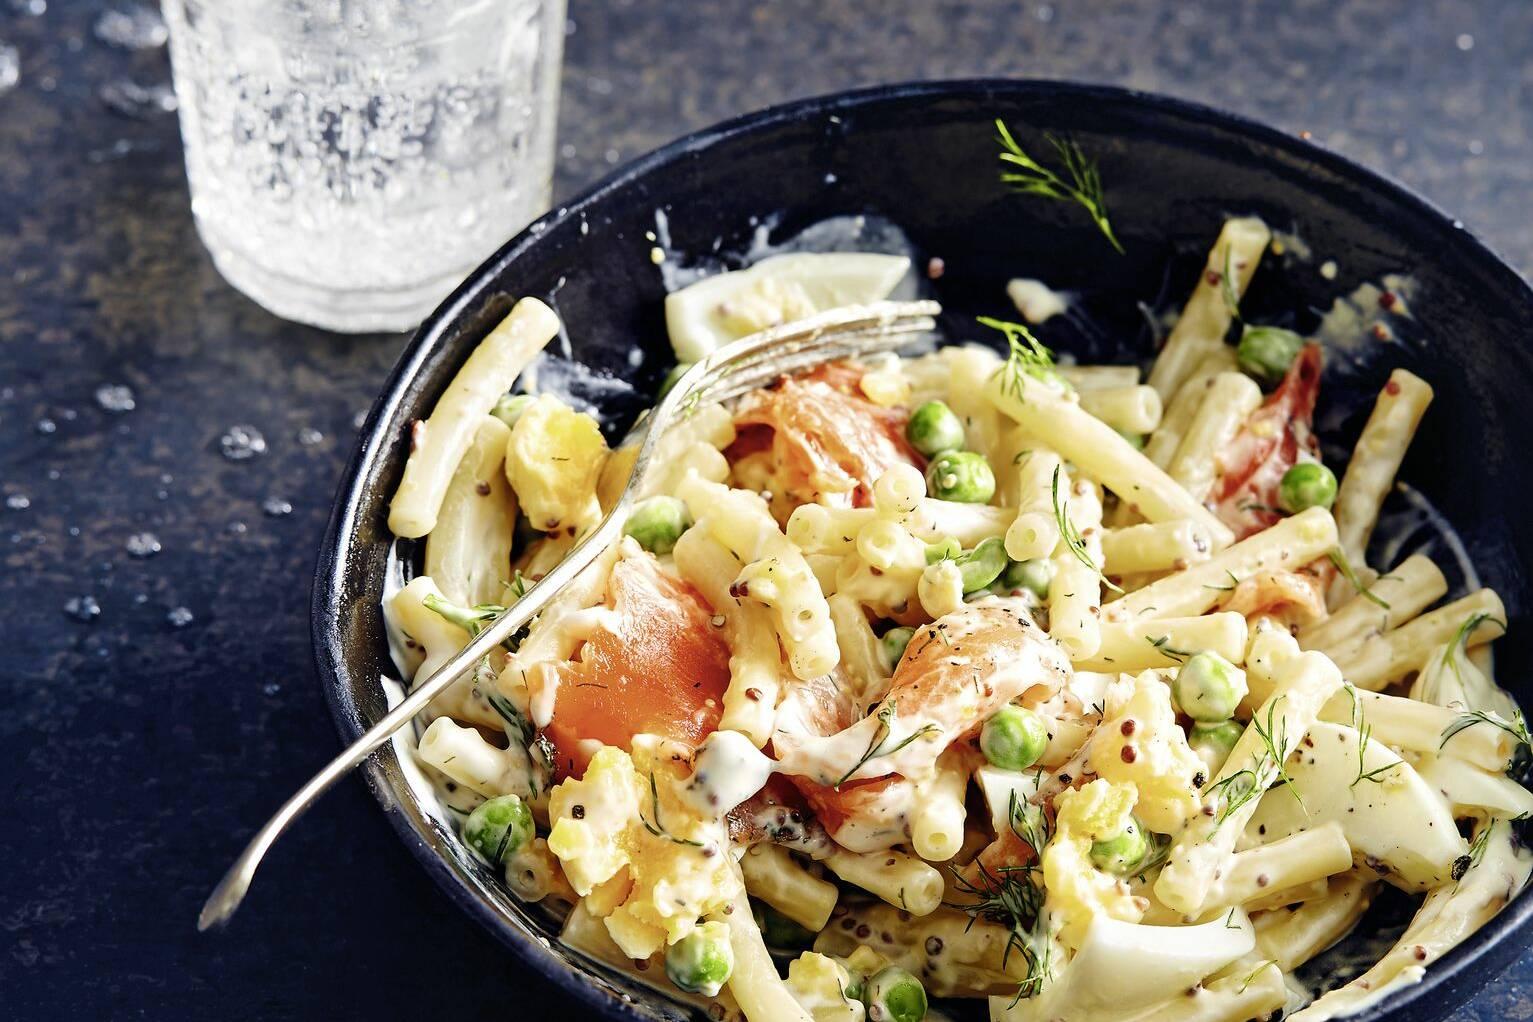 Nudelsalat mit Bohnen und Eiern | Rezept | Nudelsalat